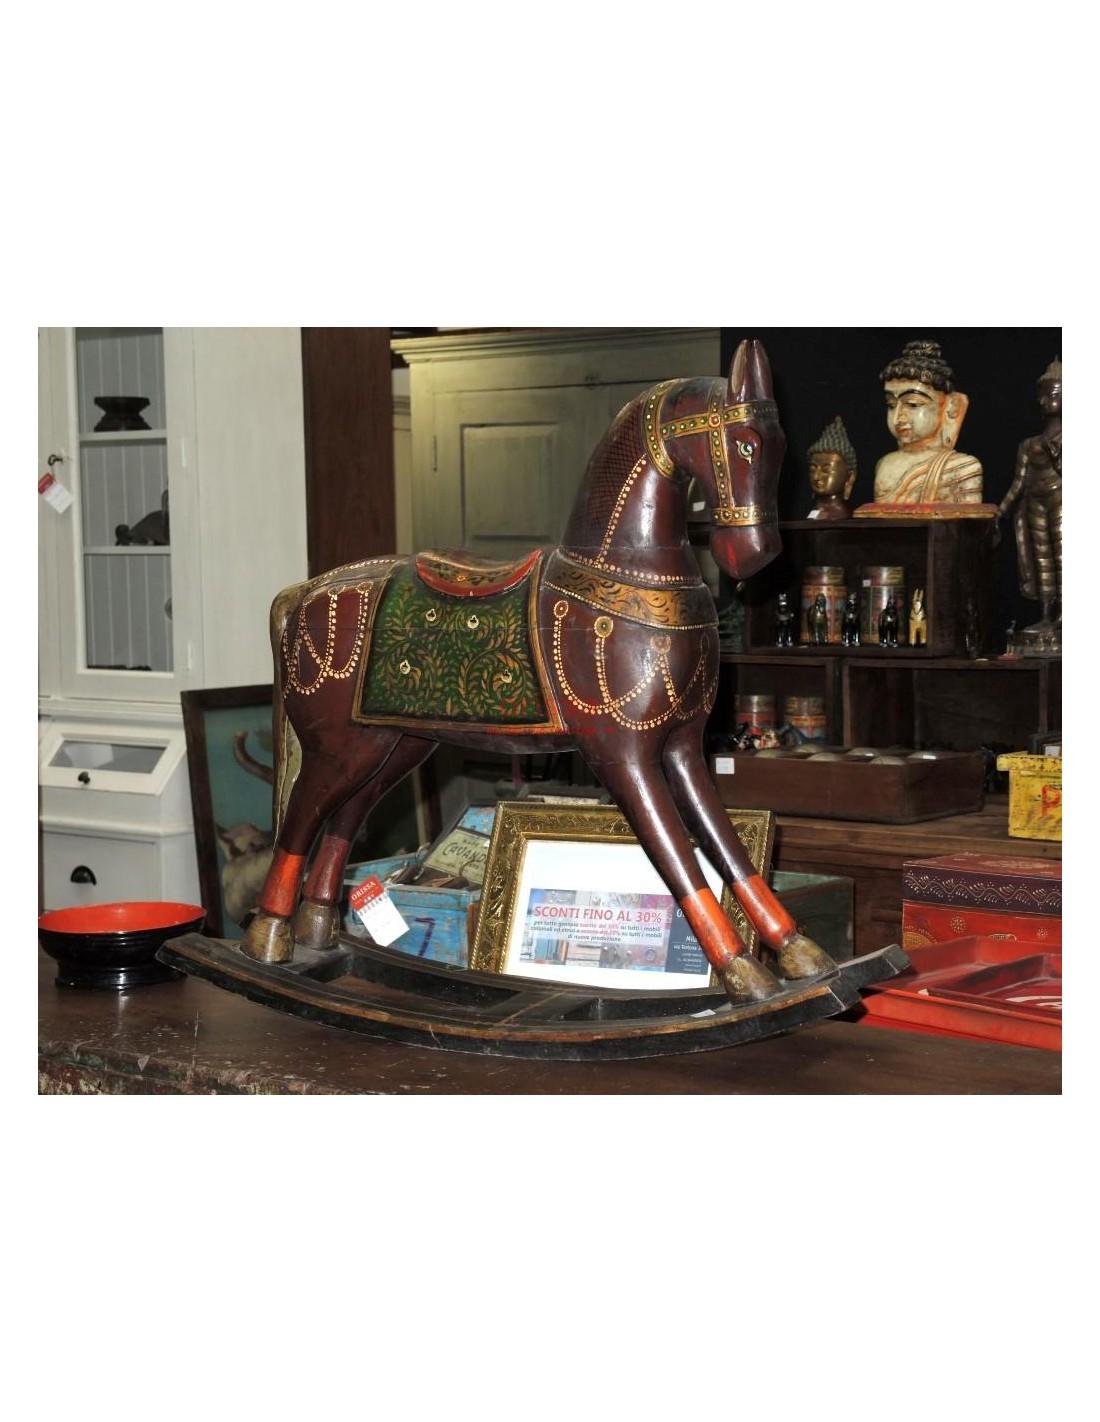 Cavallo A Dondolo Legno.Cavallo A Dondolo Legno Colorato F4181 Orissa Milano